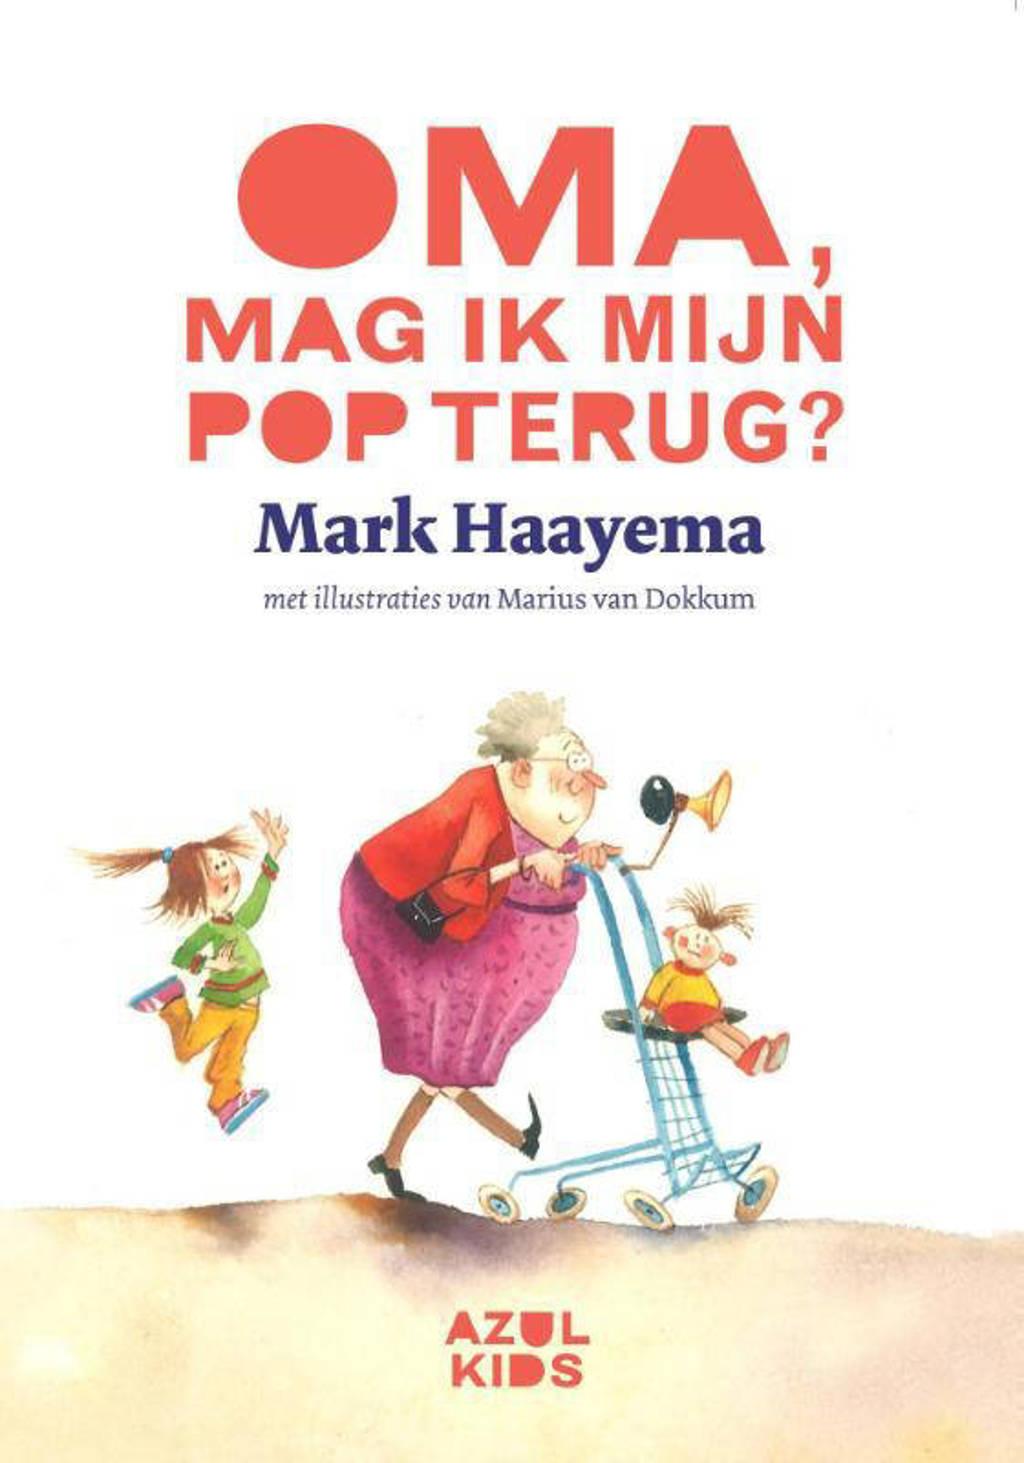 Oma, mag ik mijn pop terug? - Mark Haayema en Azul Kids